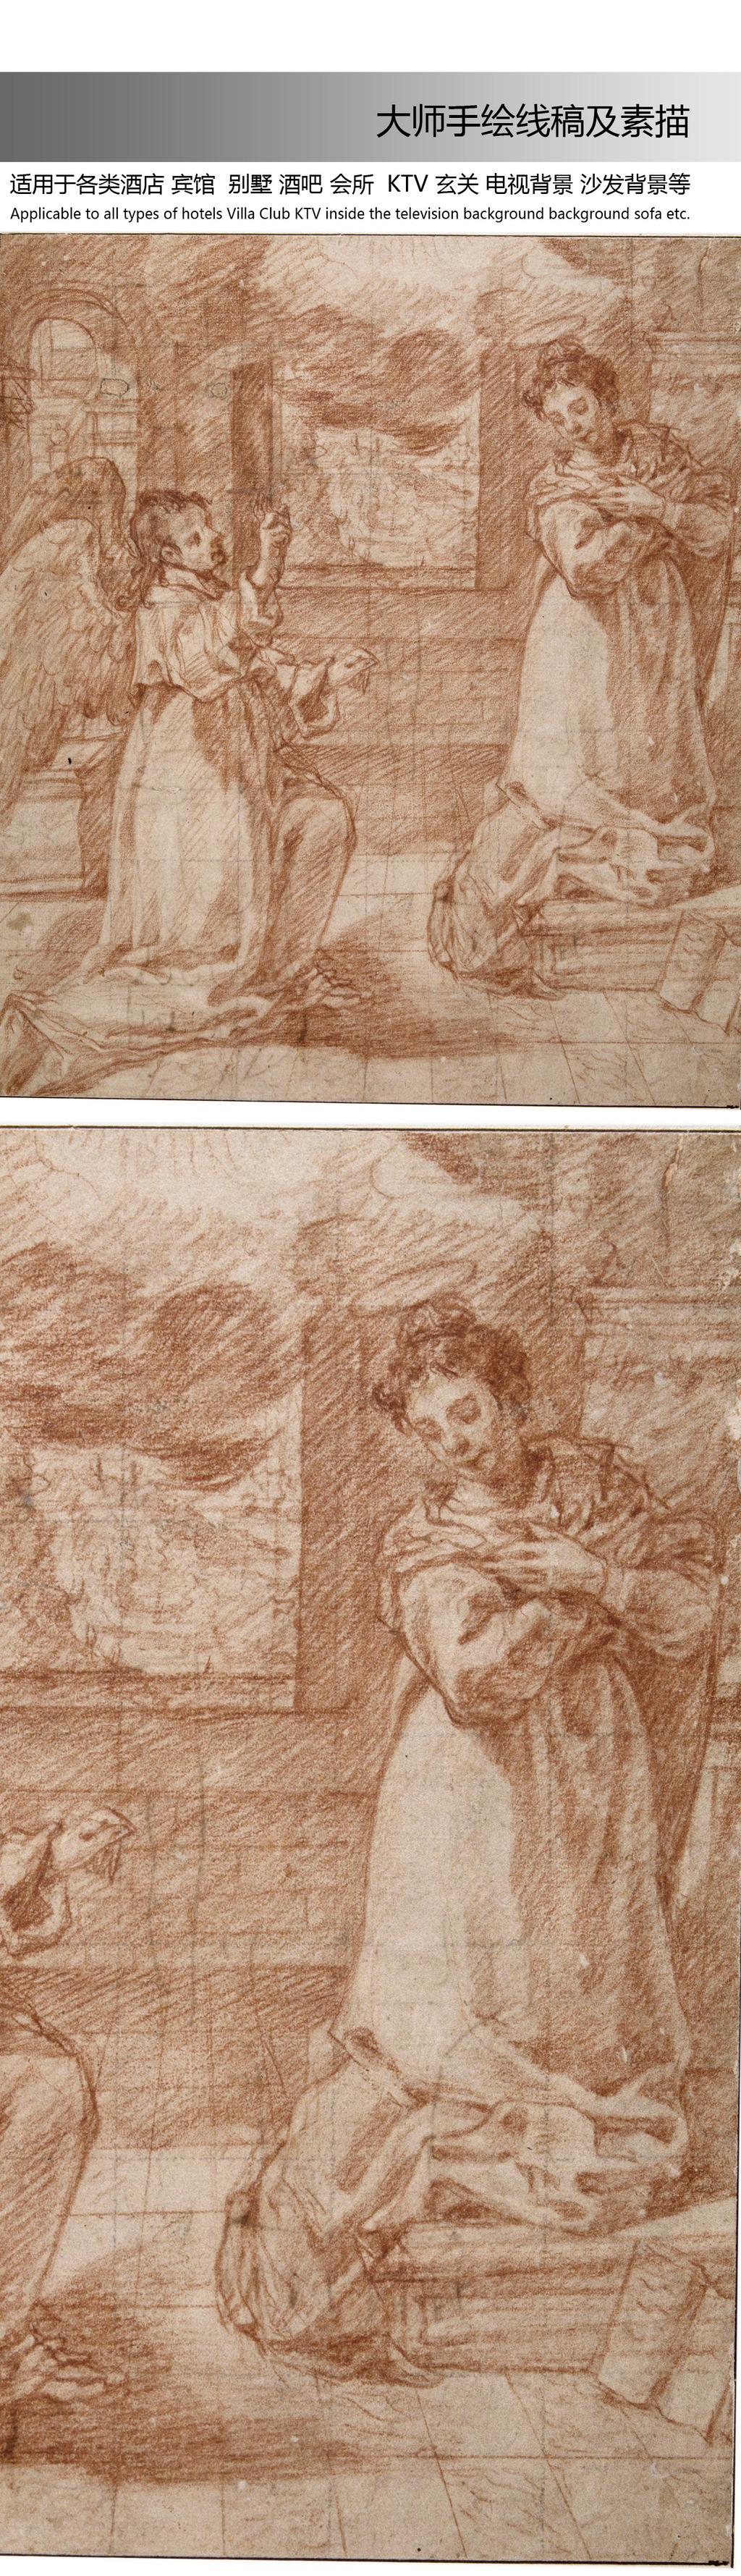 大师素描模板下载 大师素描图片下载 大师手绘 大师素描 国外大师素描